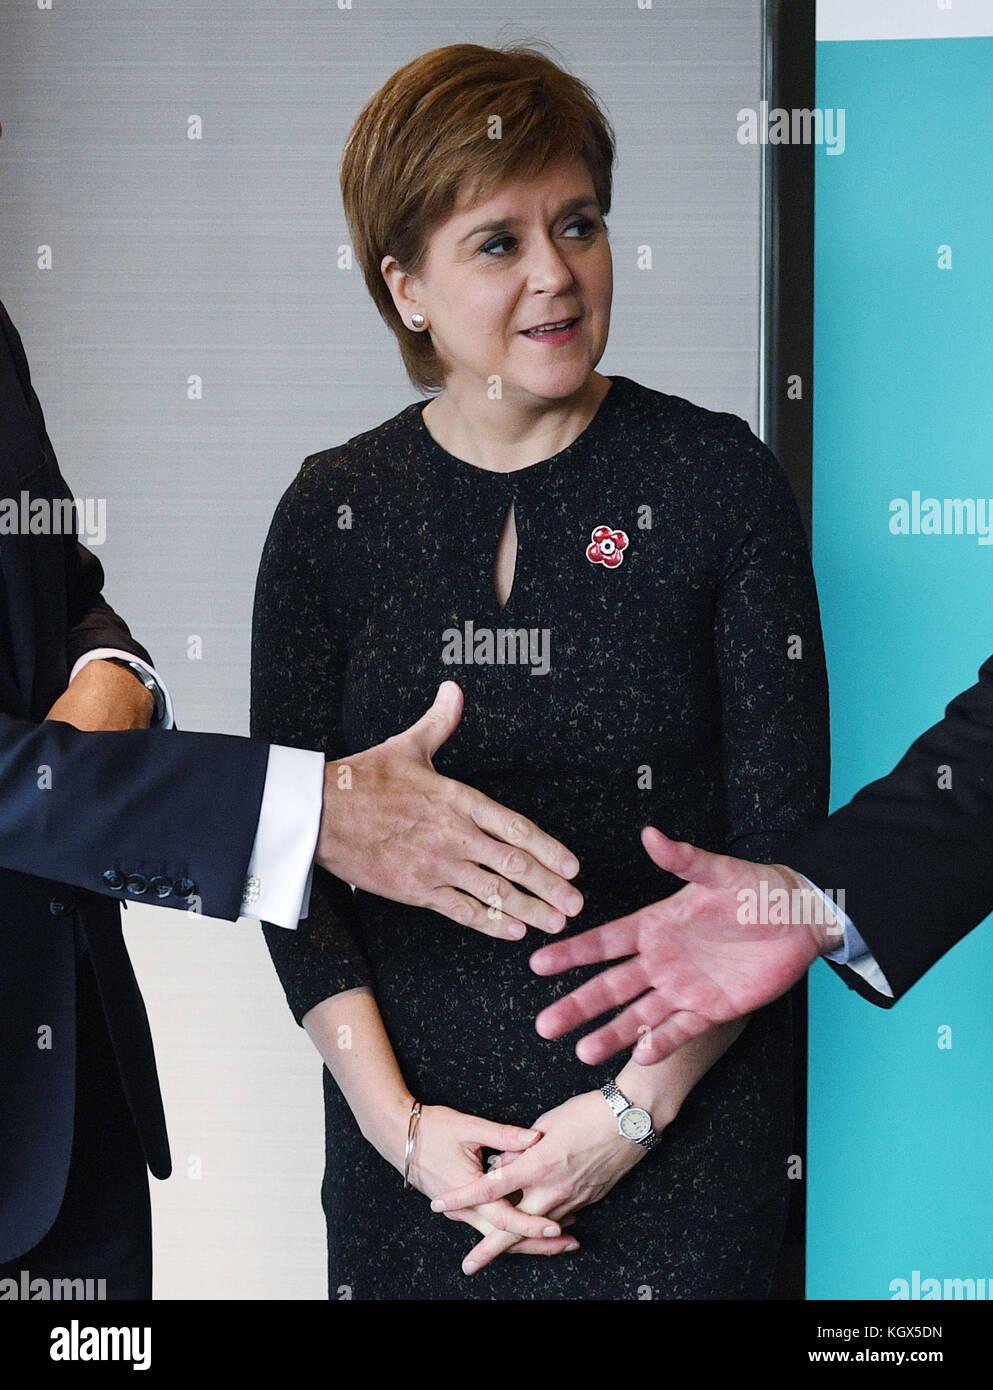 Premier ministre écossais nicola sturgeon avant une réunion de la British Irish conseil à l'hôtel Photo Stock